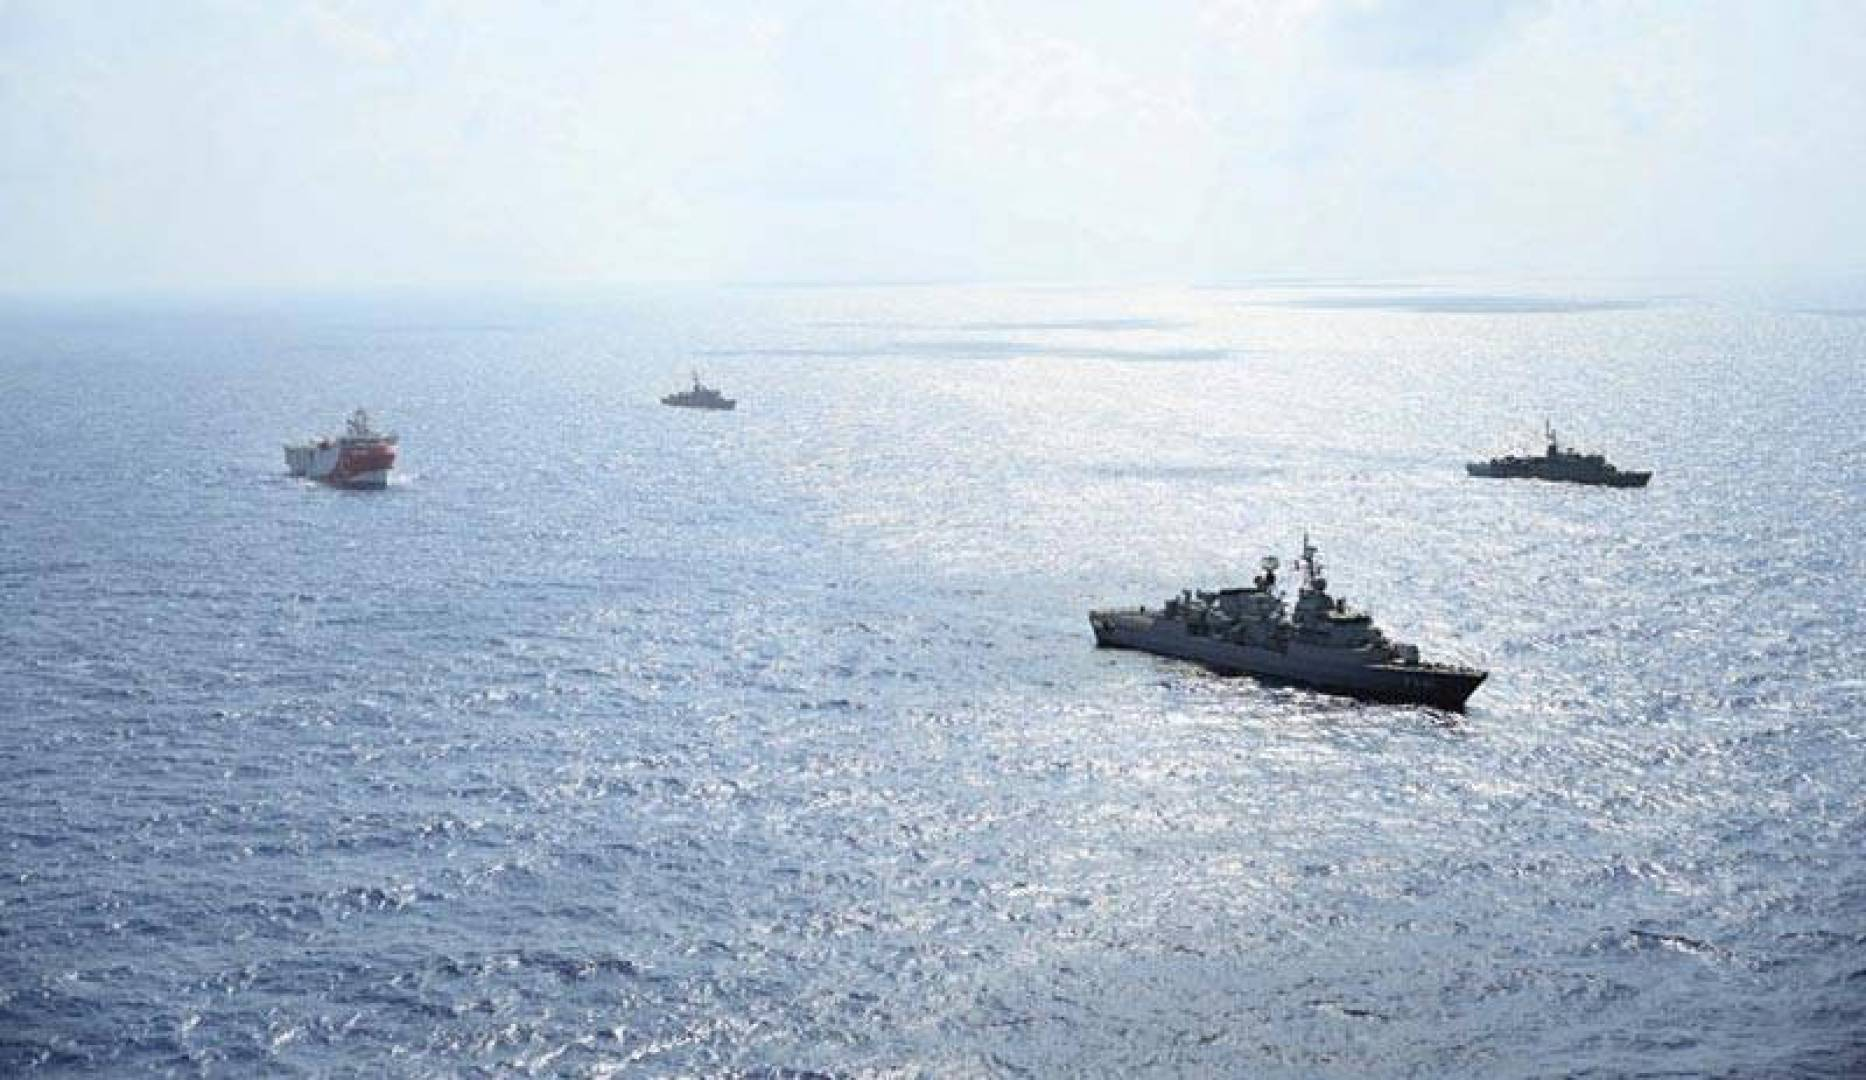 سفينة الأبحاث الزلزالية ترافقها سفن تابعة للبحرية التركية في المتوسط قبالة أنطاليا  (أ ف ب)